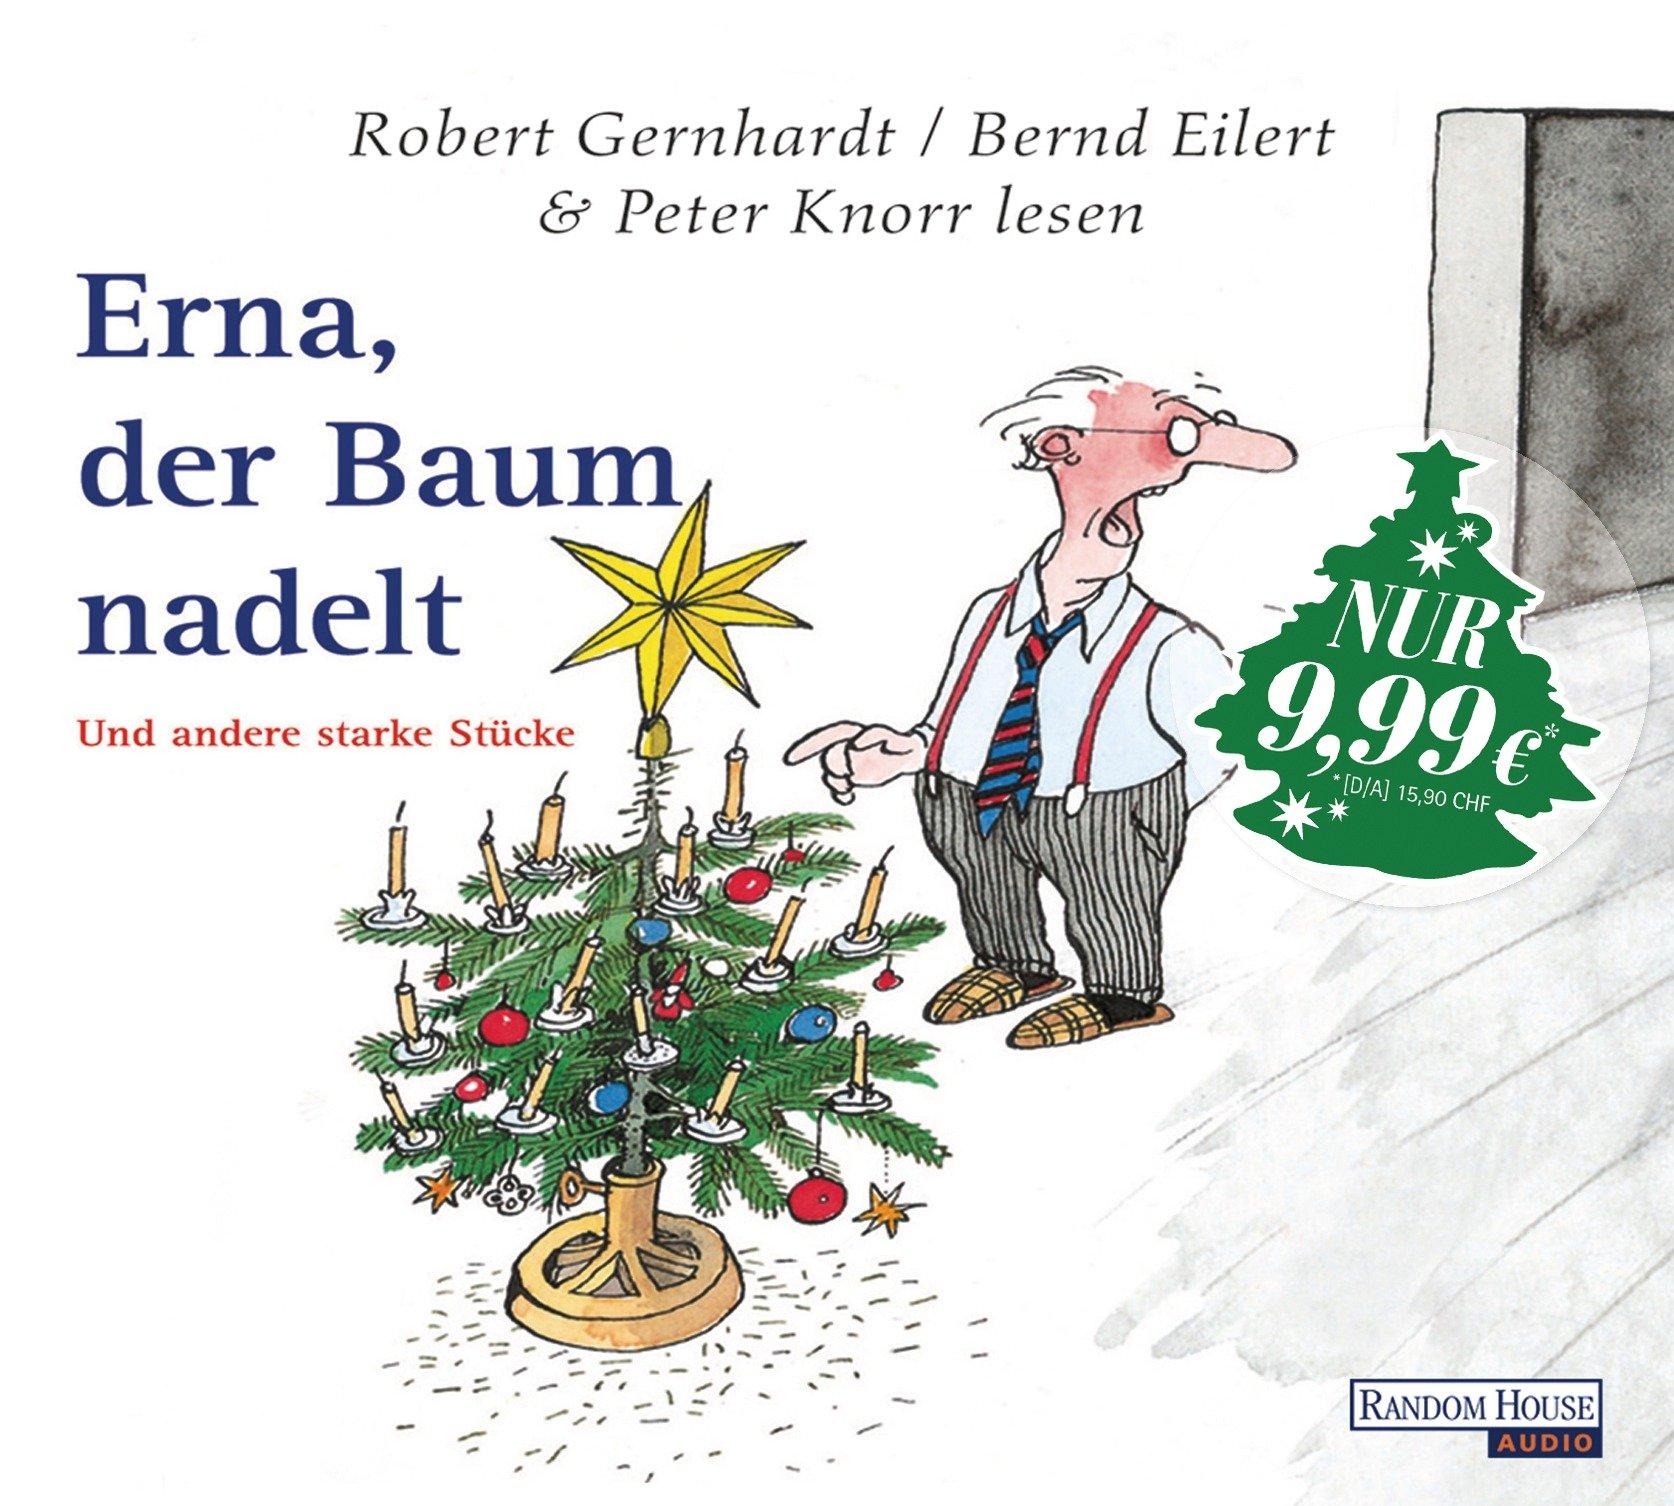 ›Erna, der Baum nadelt‹